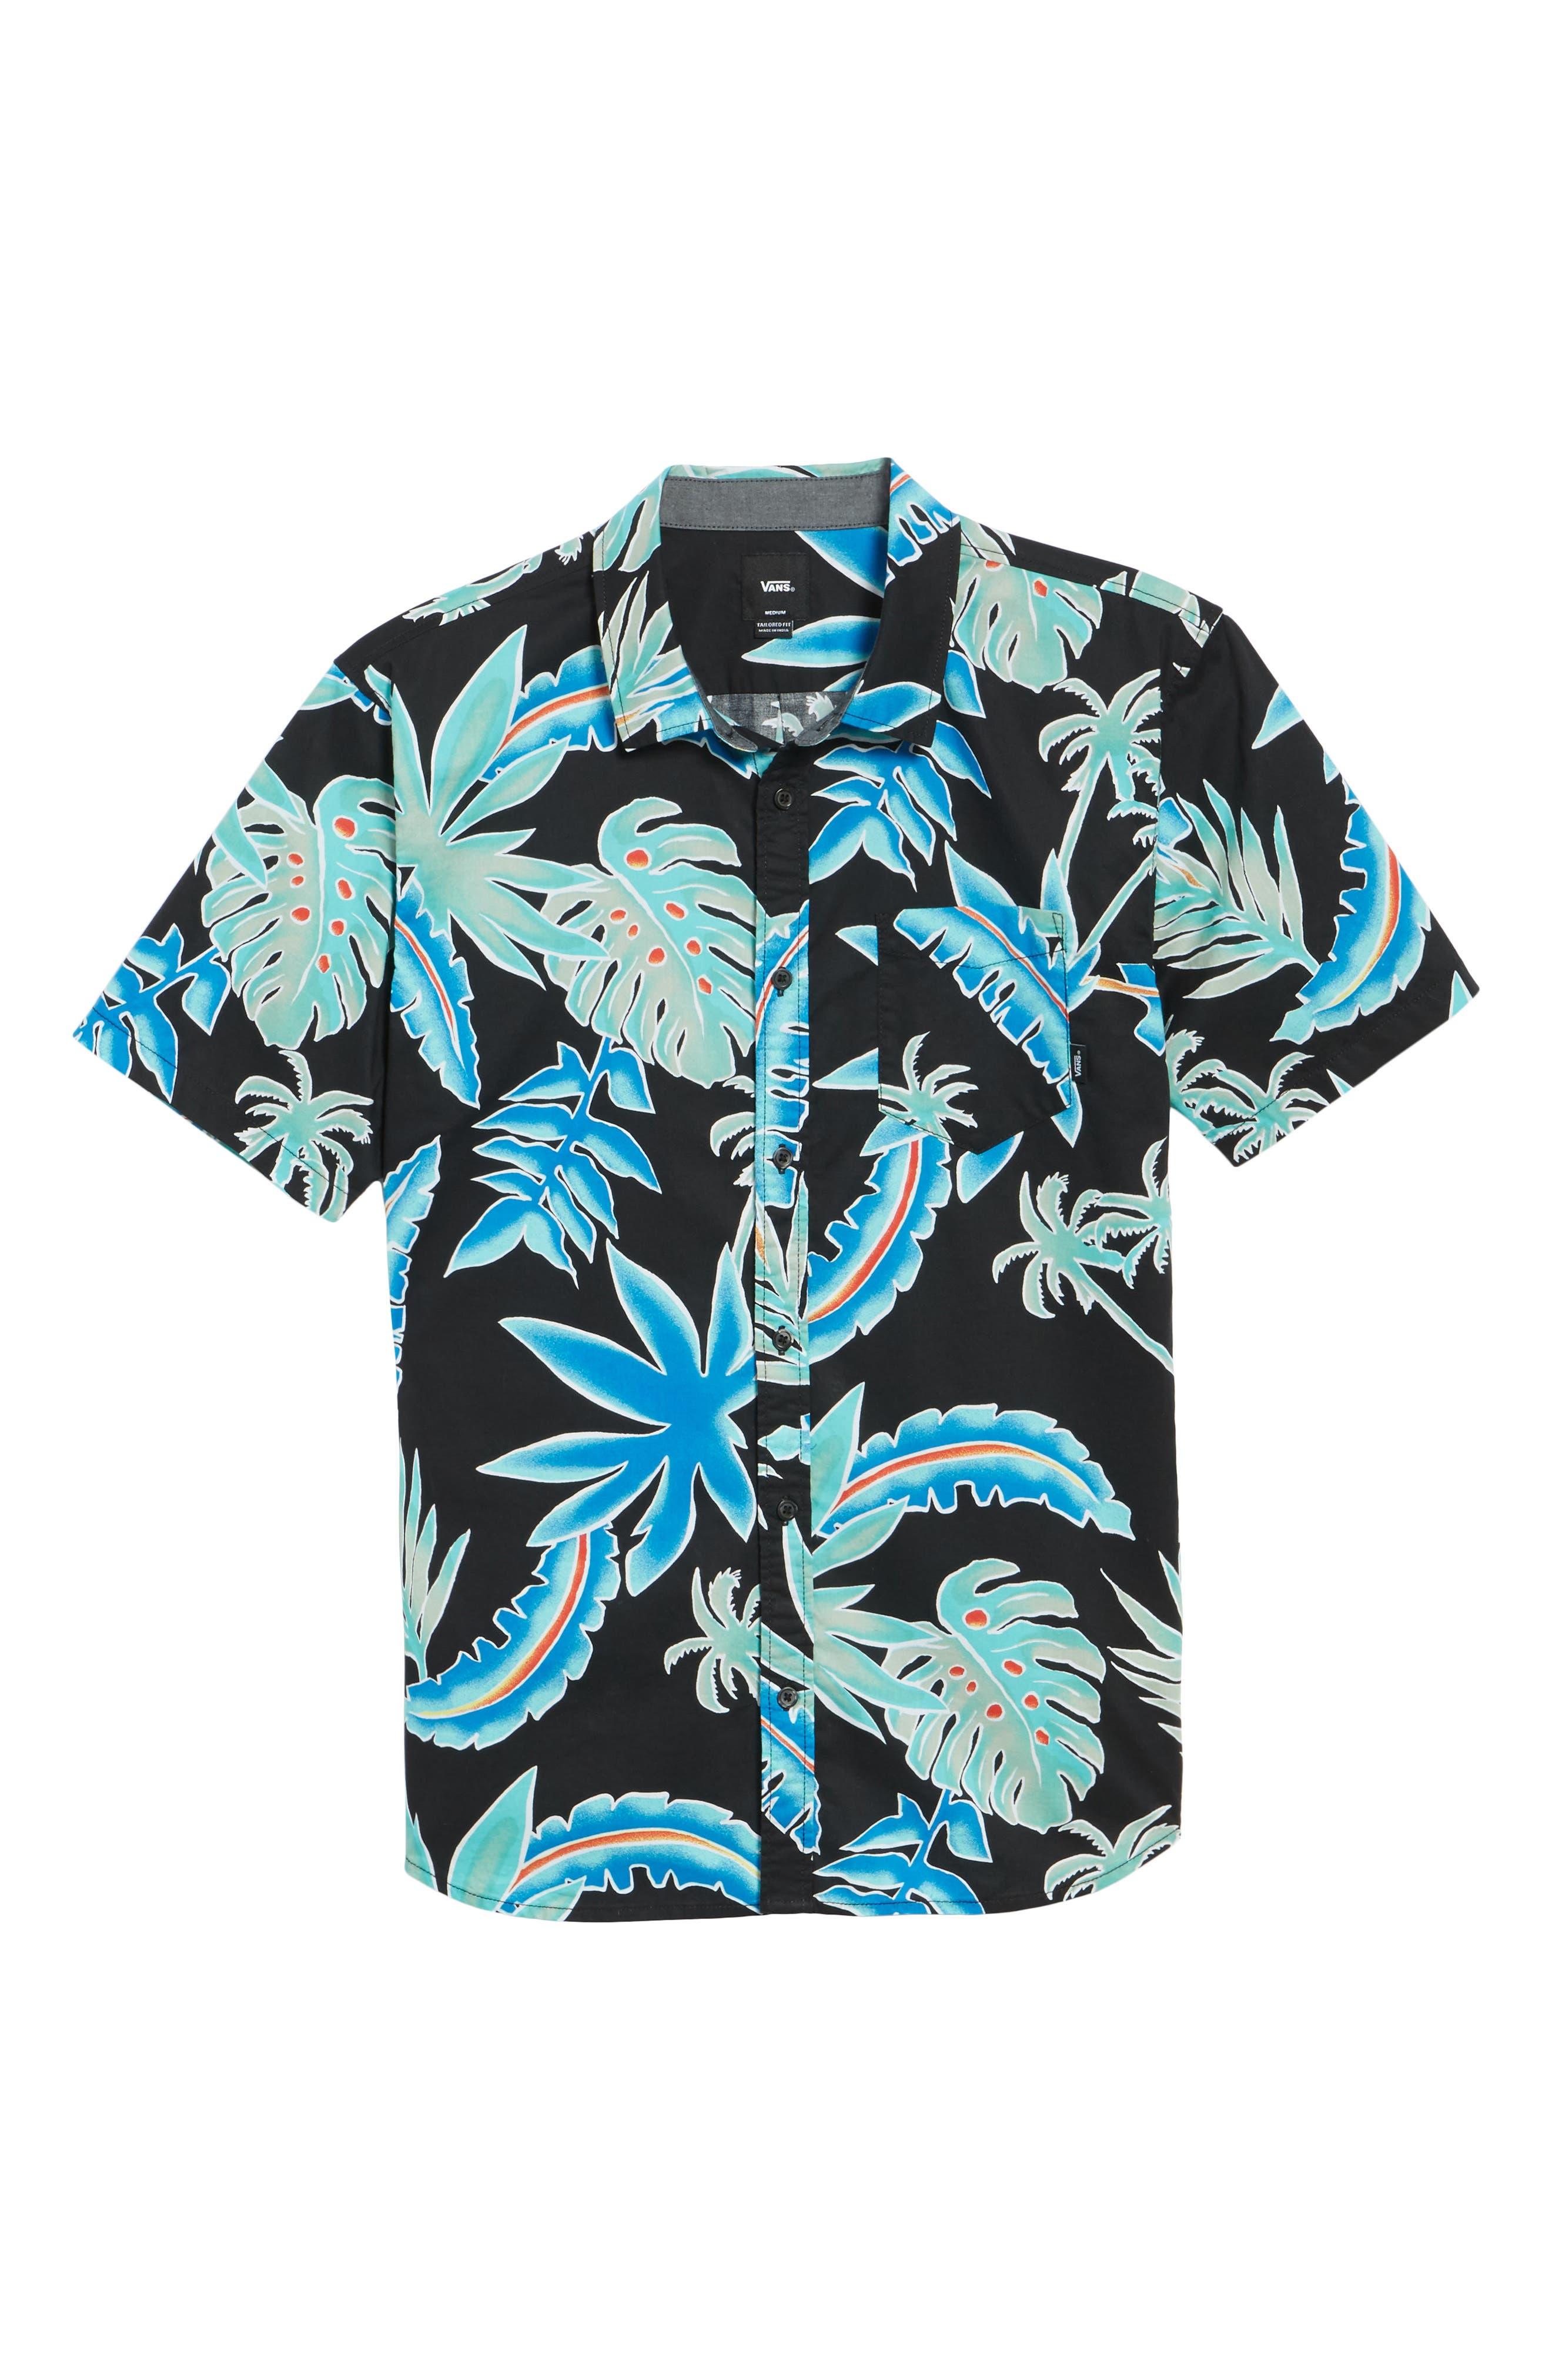 Pit Stop Woven Shirt,                             Alternate thumbnail 6, color,                             BLACK PIT STOP FLORAL